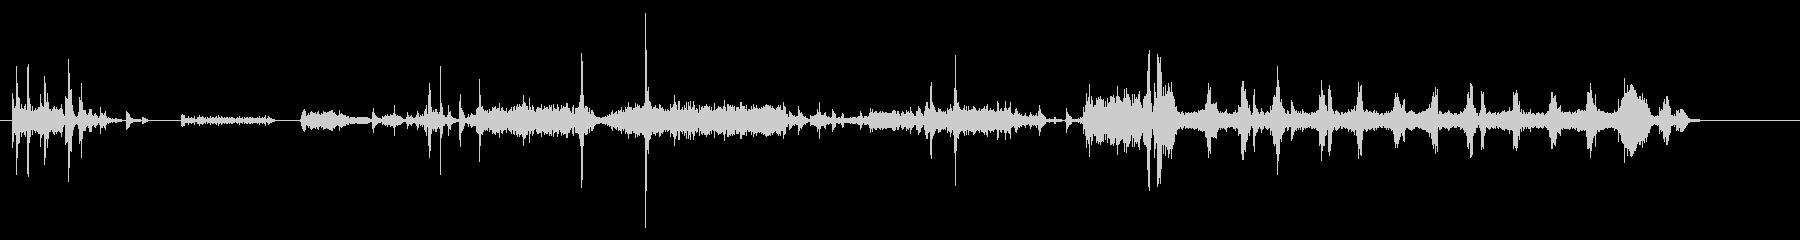 プリンター02-01(印刷)の未再生の波形